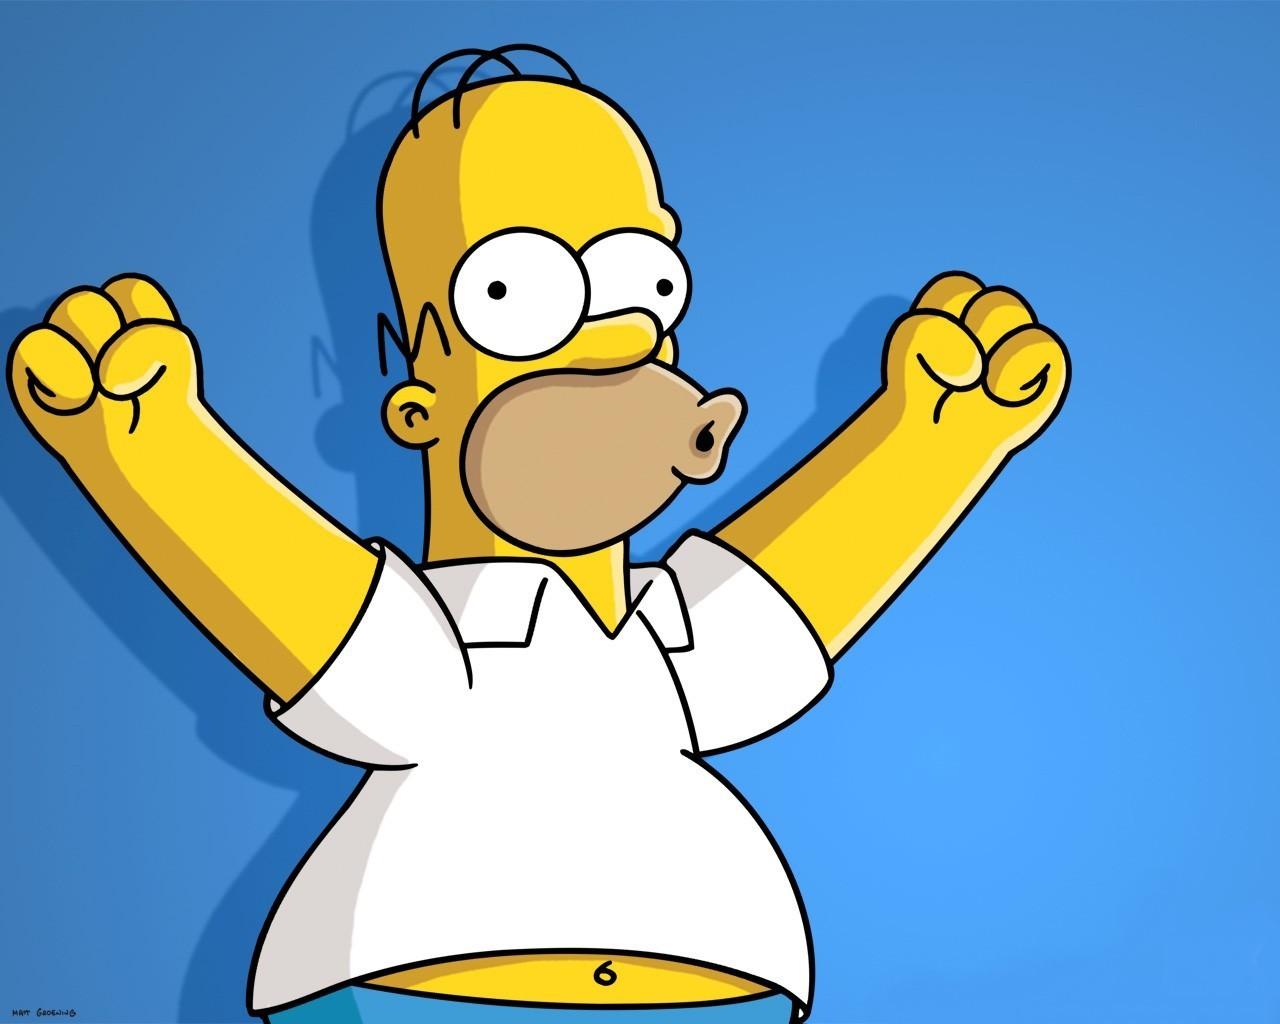 Top 5 personajes favoritos de series - Página 3 Homer-simpson-1280x1024